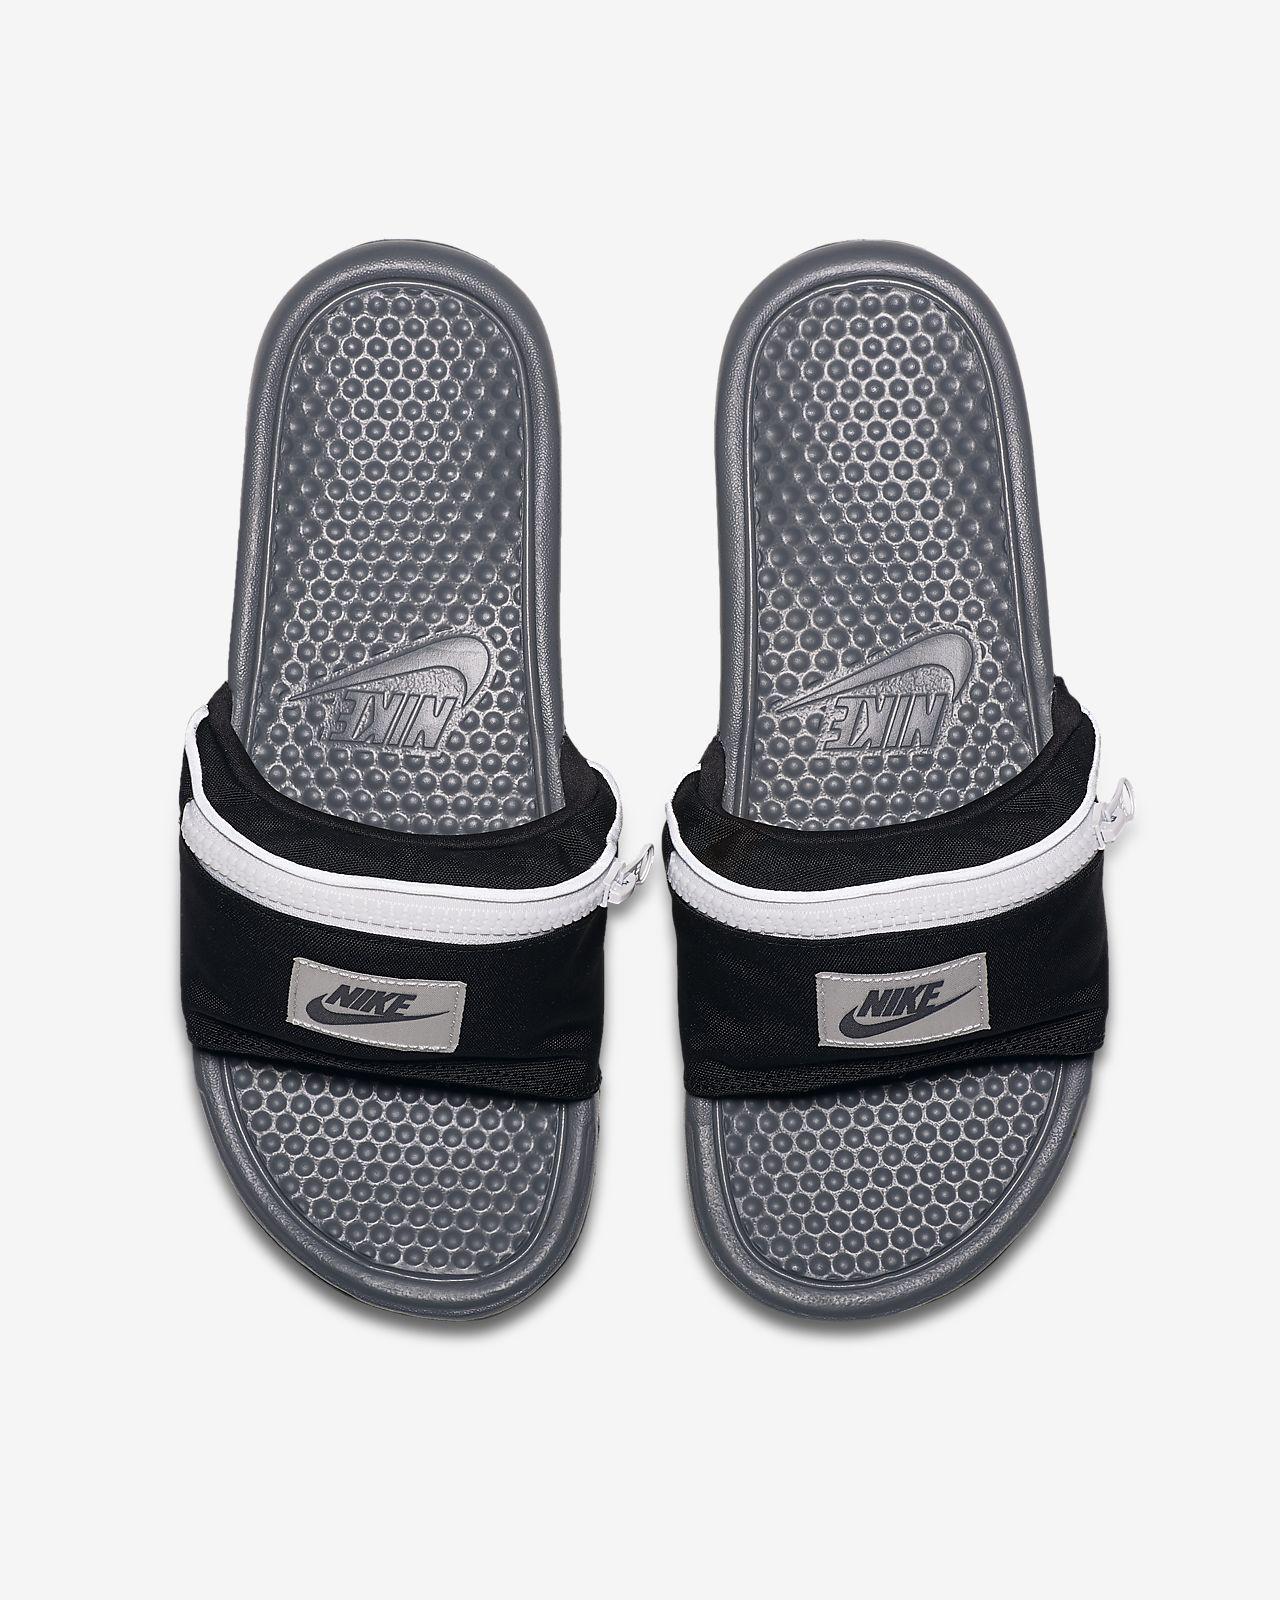 Pánské pantofle Nike Benassi JDI Fanny Pack